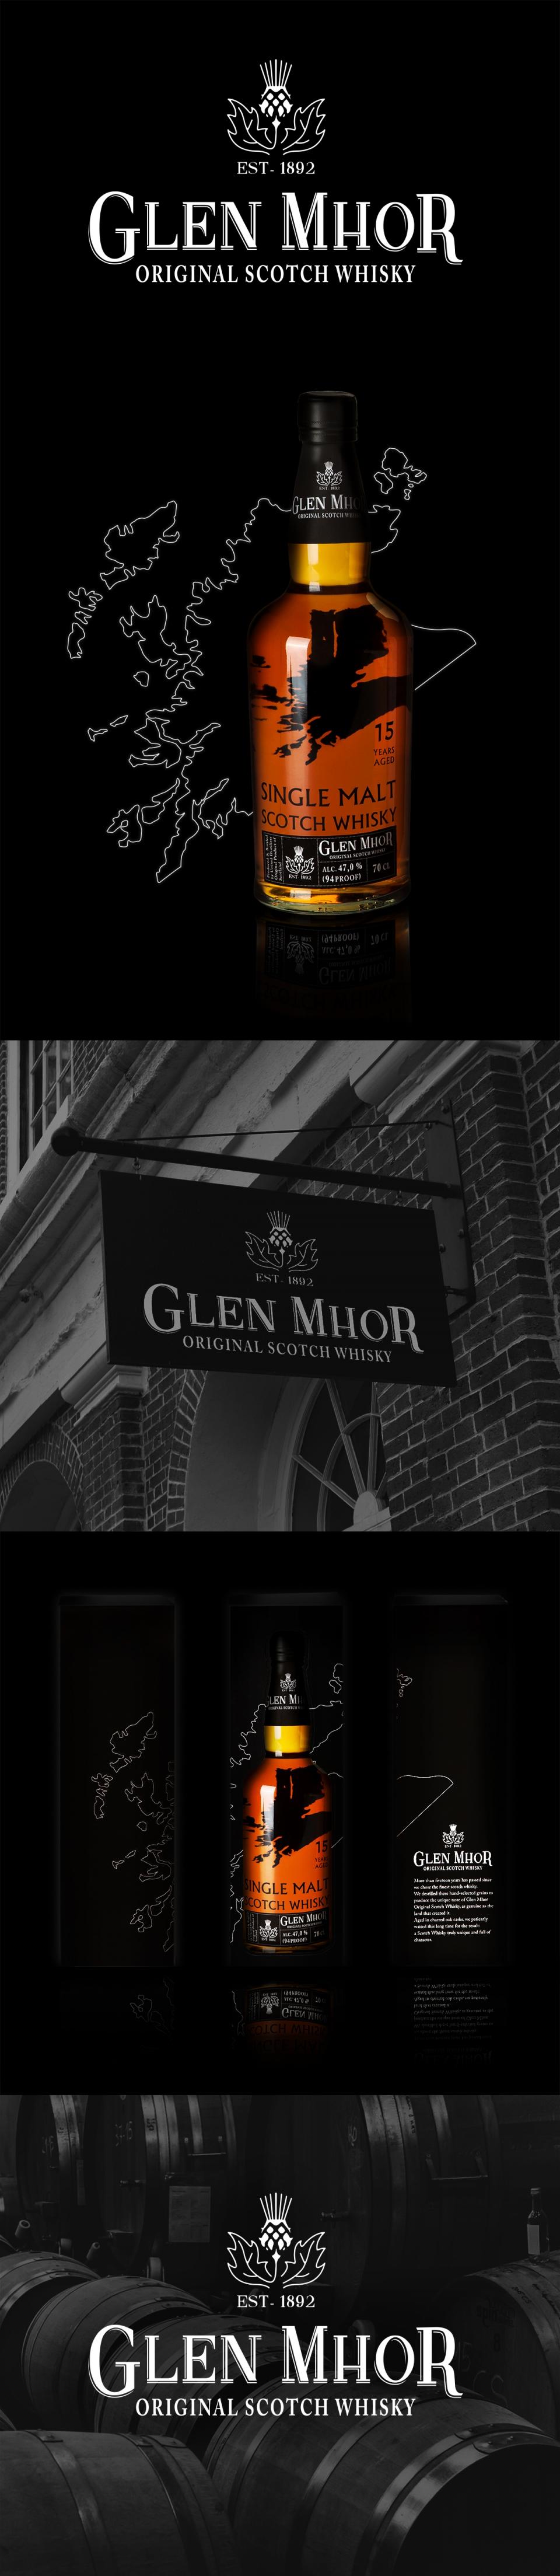 Glen Mhor 1